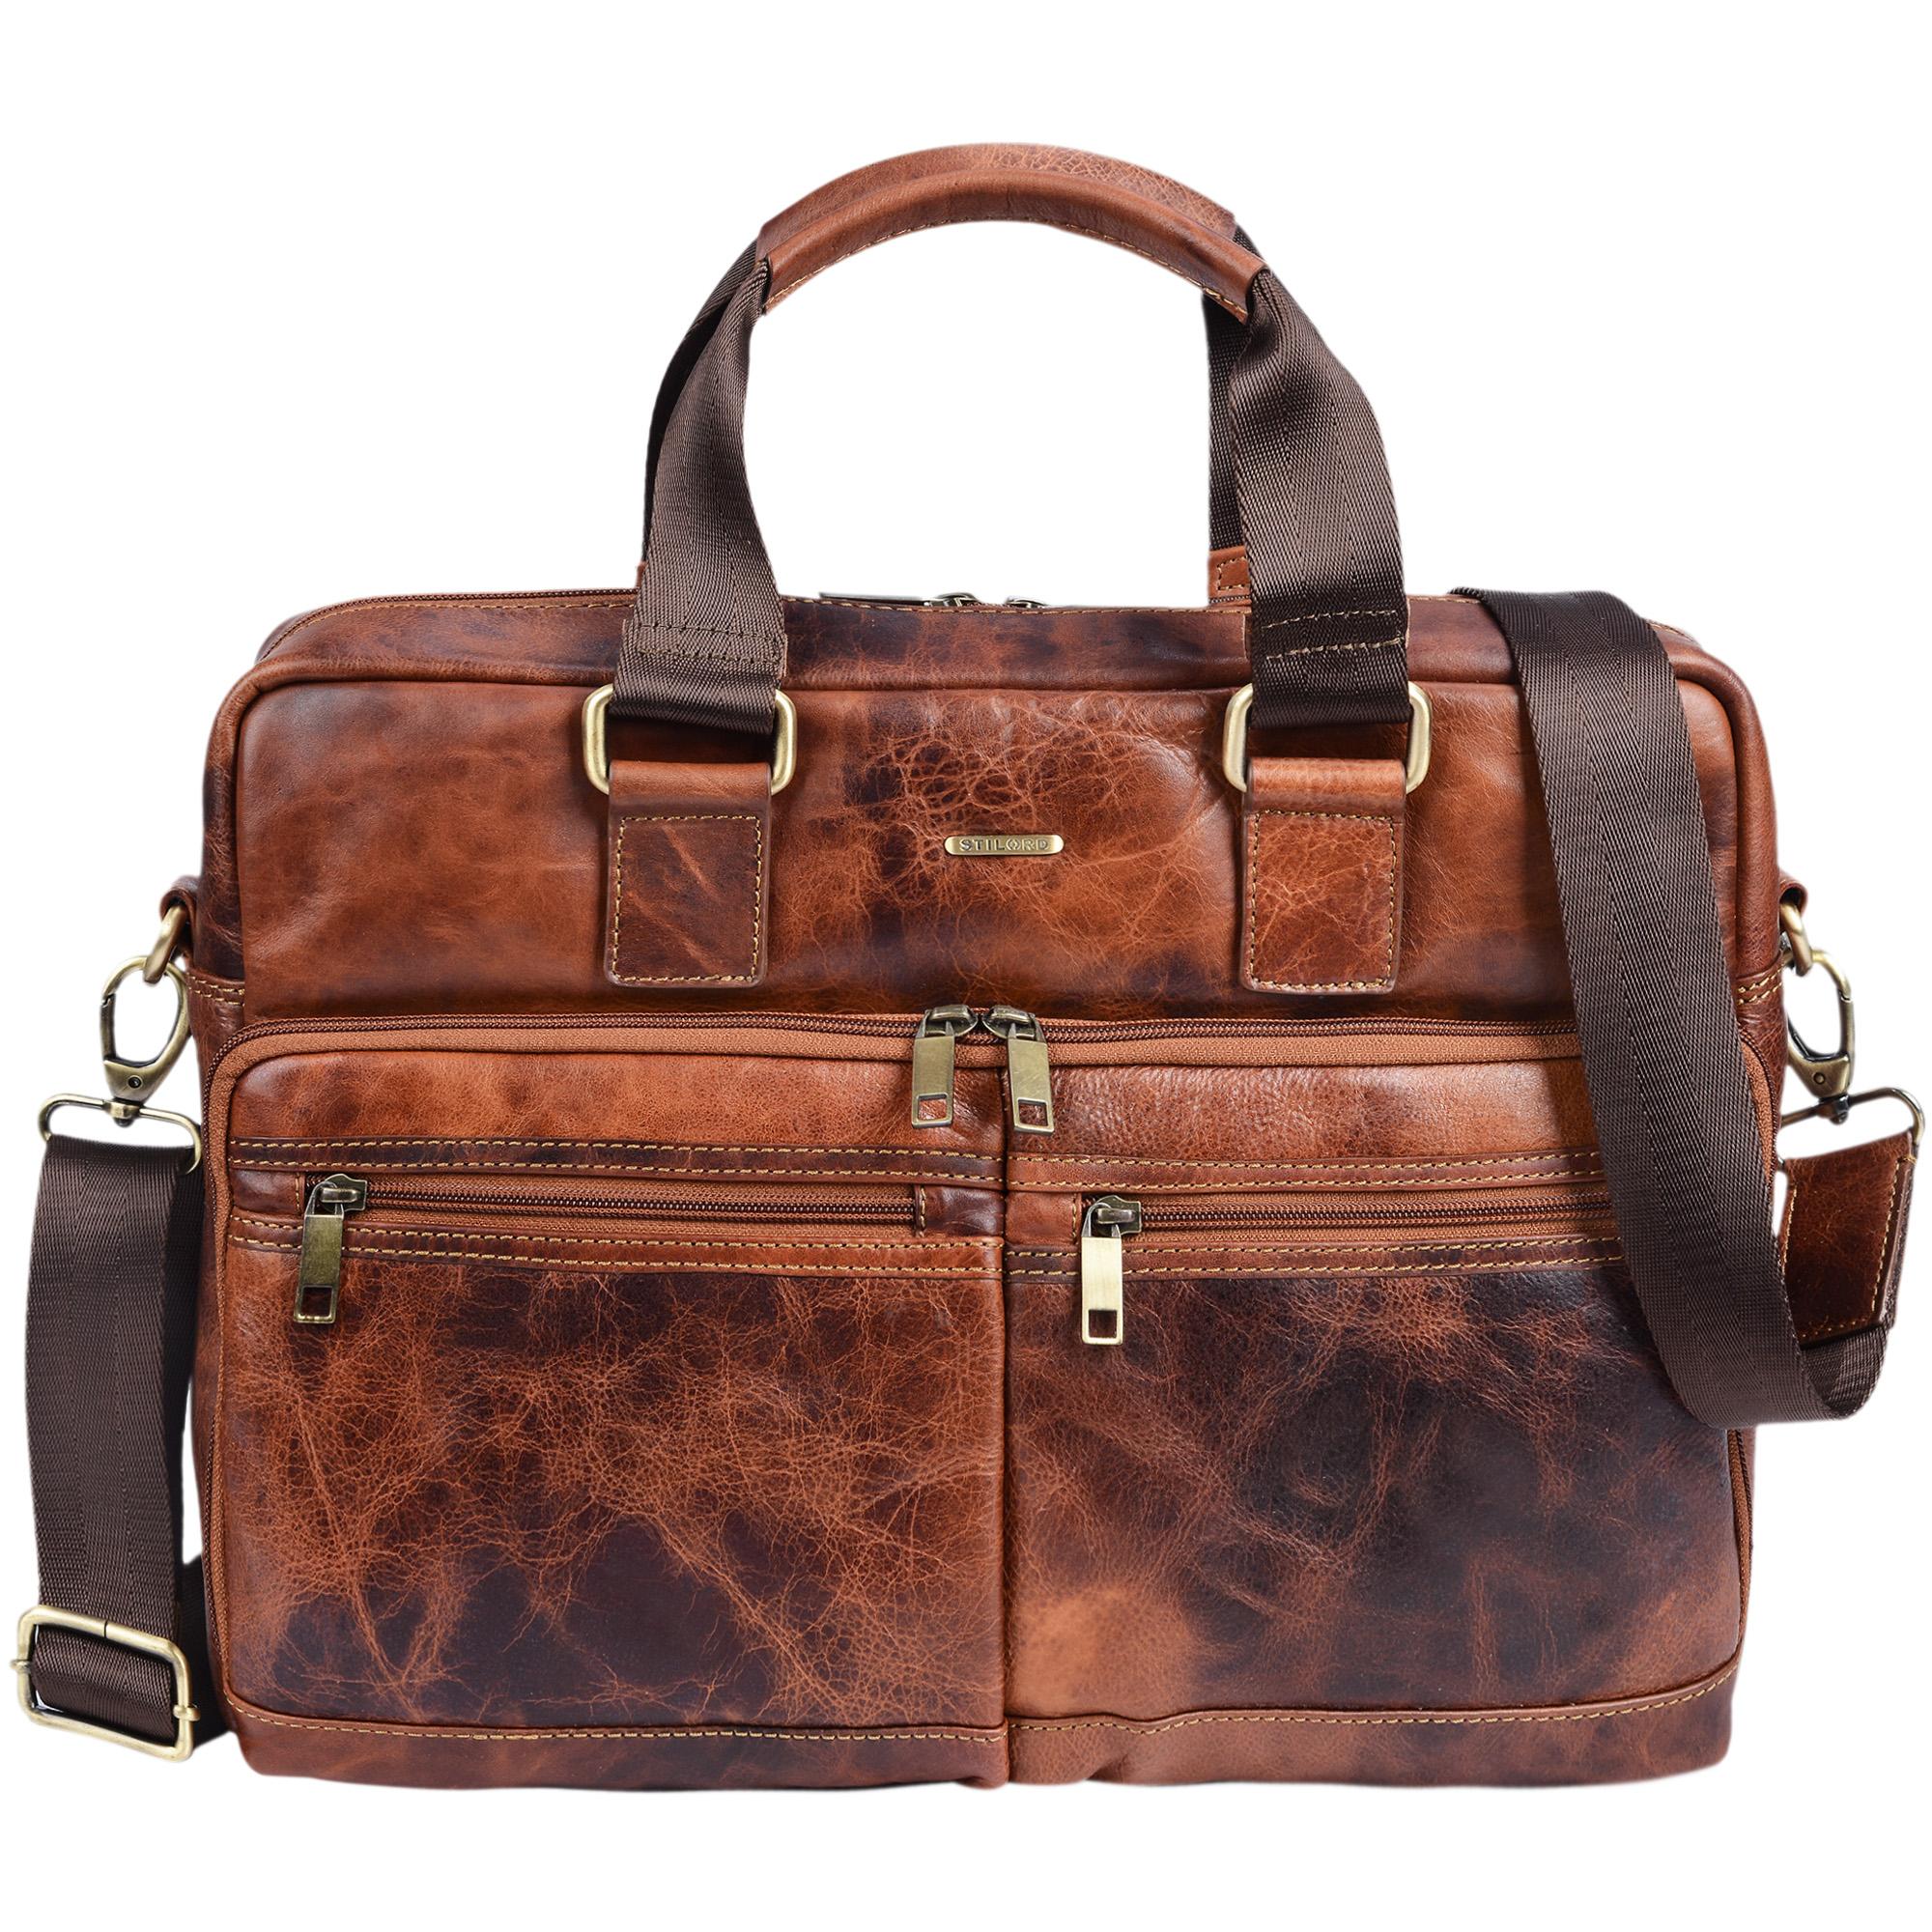 """STILORD """"Vito"""" Vintage Businesstasche Leder Herren Damen 14 Zoll Laptoptasche Umhängetasche Aktentasche Arbeitstasche Rindsleder - Bild 10"""